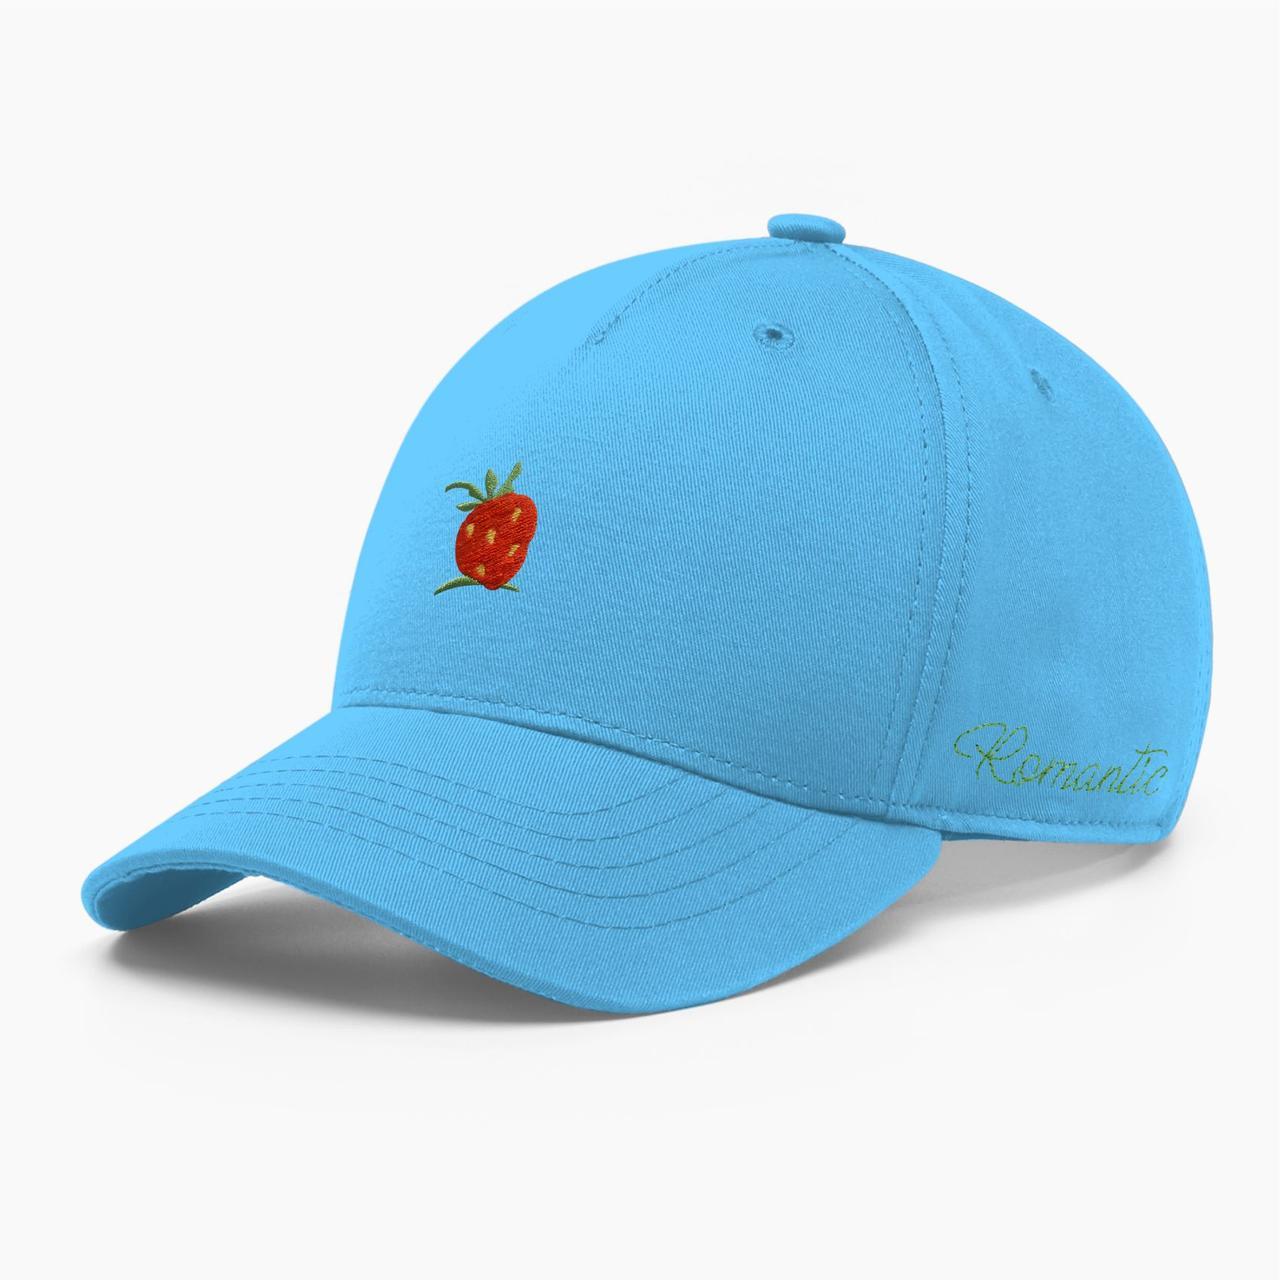 Женская кепка бейсболка INAL strawberry S / 53-54 RU Голубой 284553